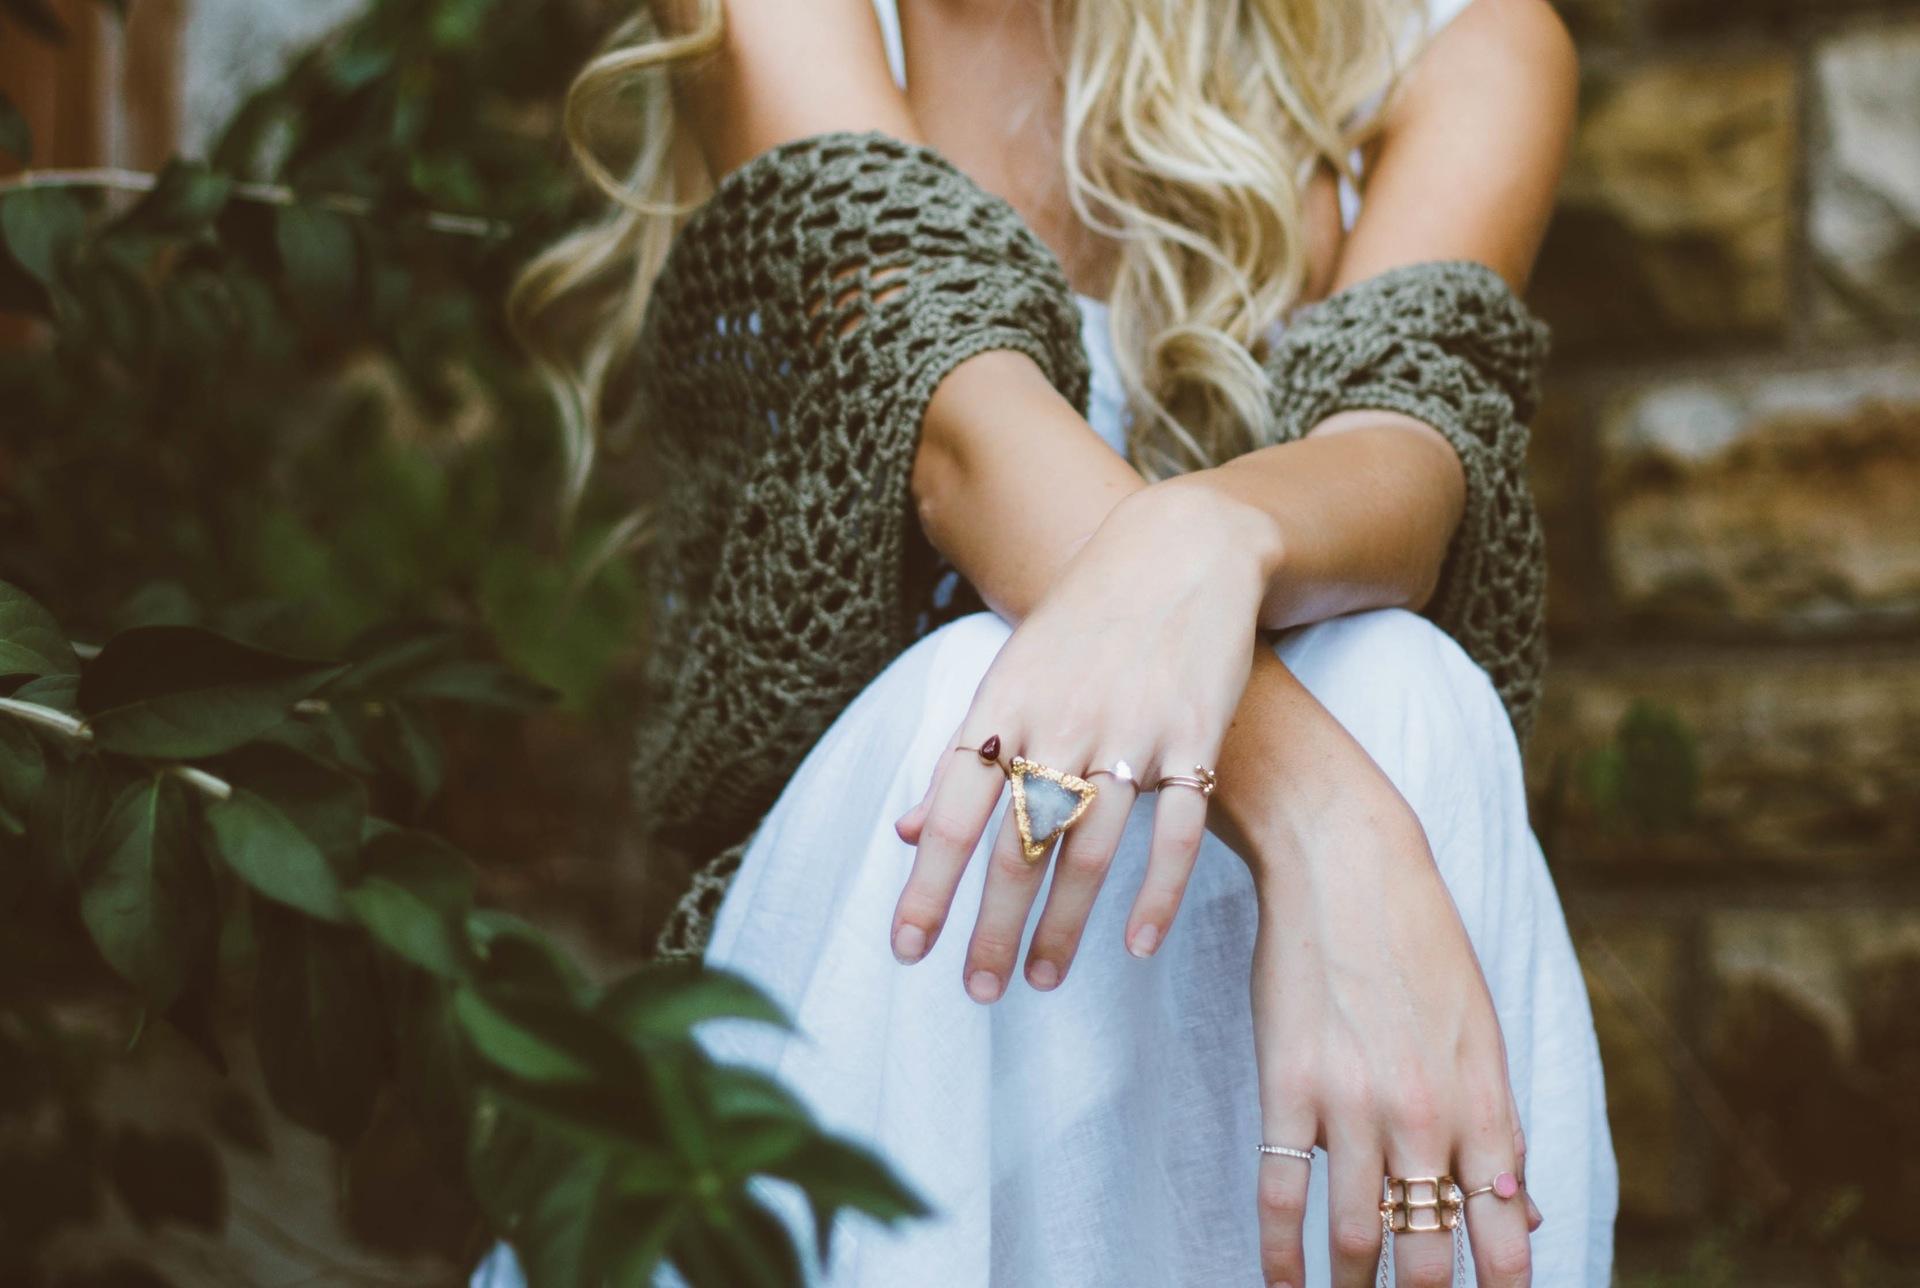 τα χέρια, γυναίκα, δαχτυλίδια, κοσμήματα, Κορίτσι, αίγλη - Wallpapers HD - Professor-falken.com